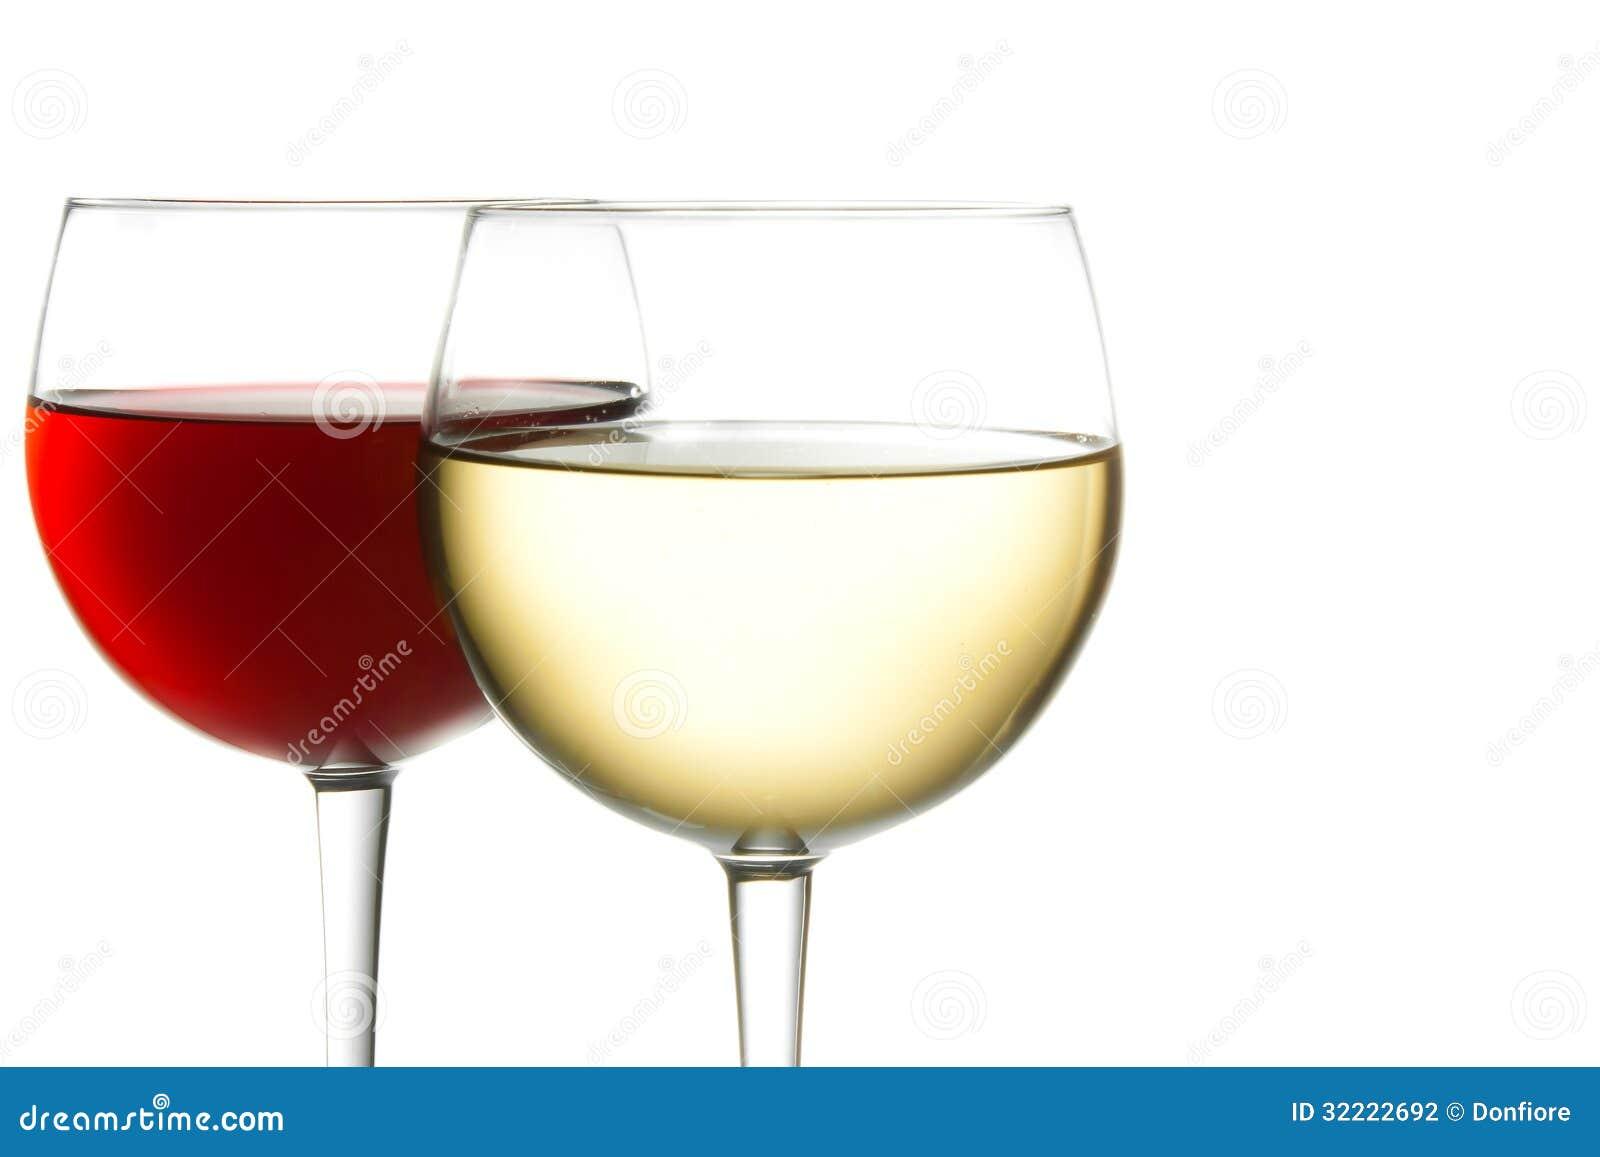 verre de vin rouge et de vin blanc photographie stock image 32222692. Black Bedroom Furniture Sets. Home Design Ideas